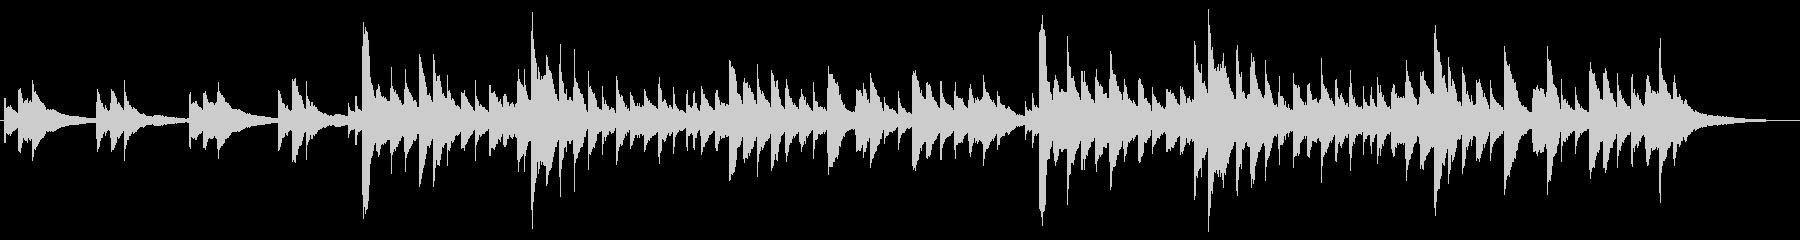 アイリッシュハープの物悲しいBGMの未再生の波形